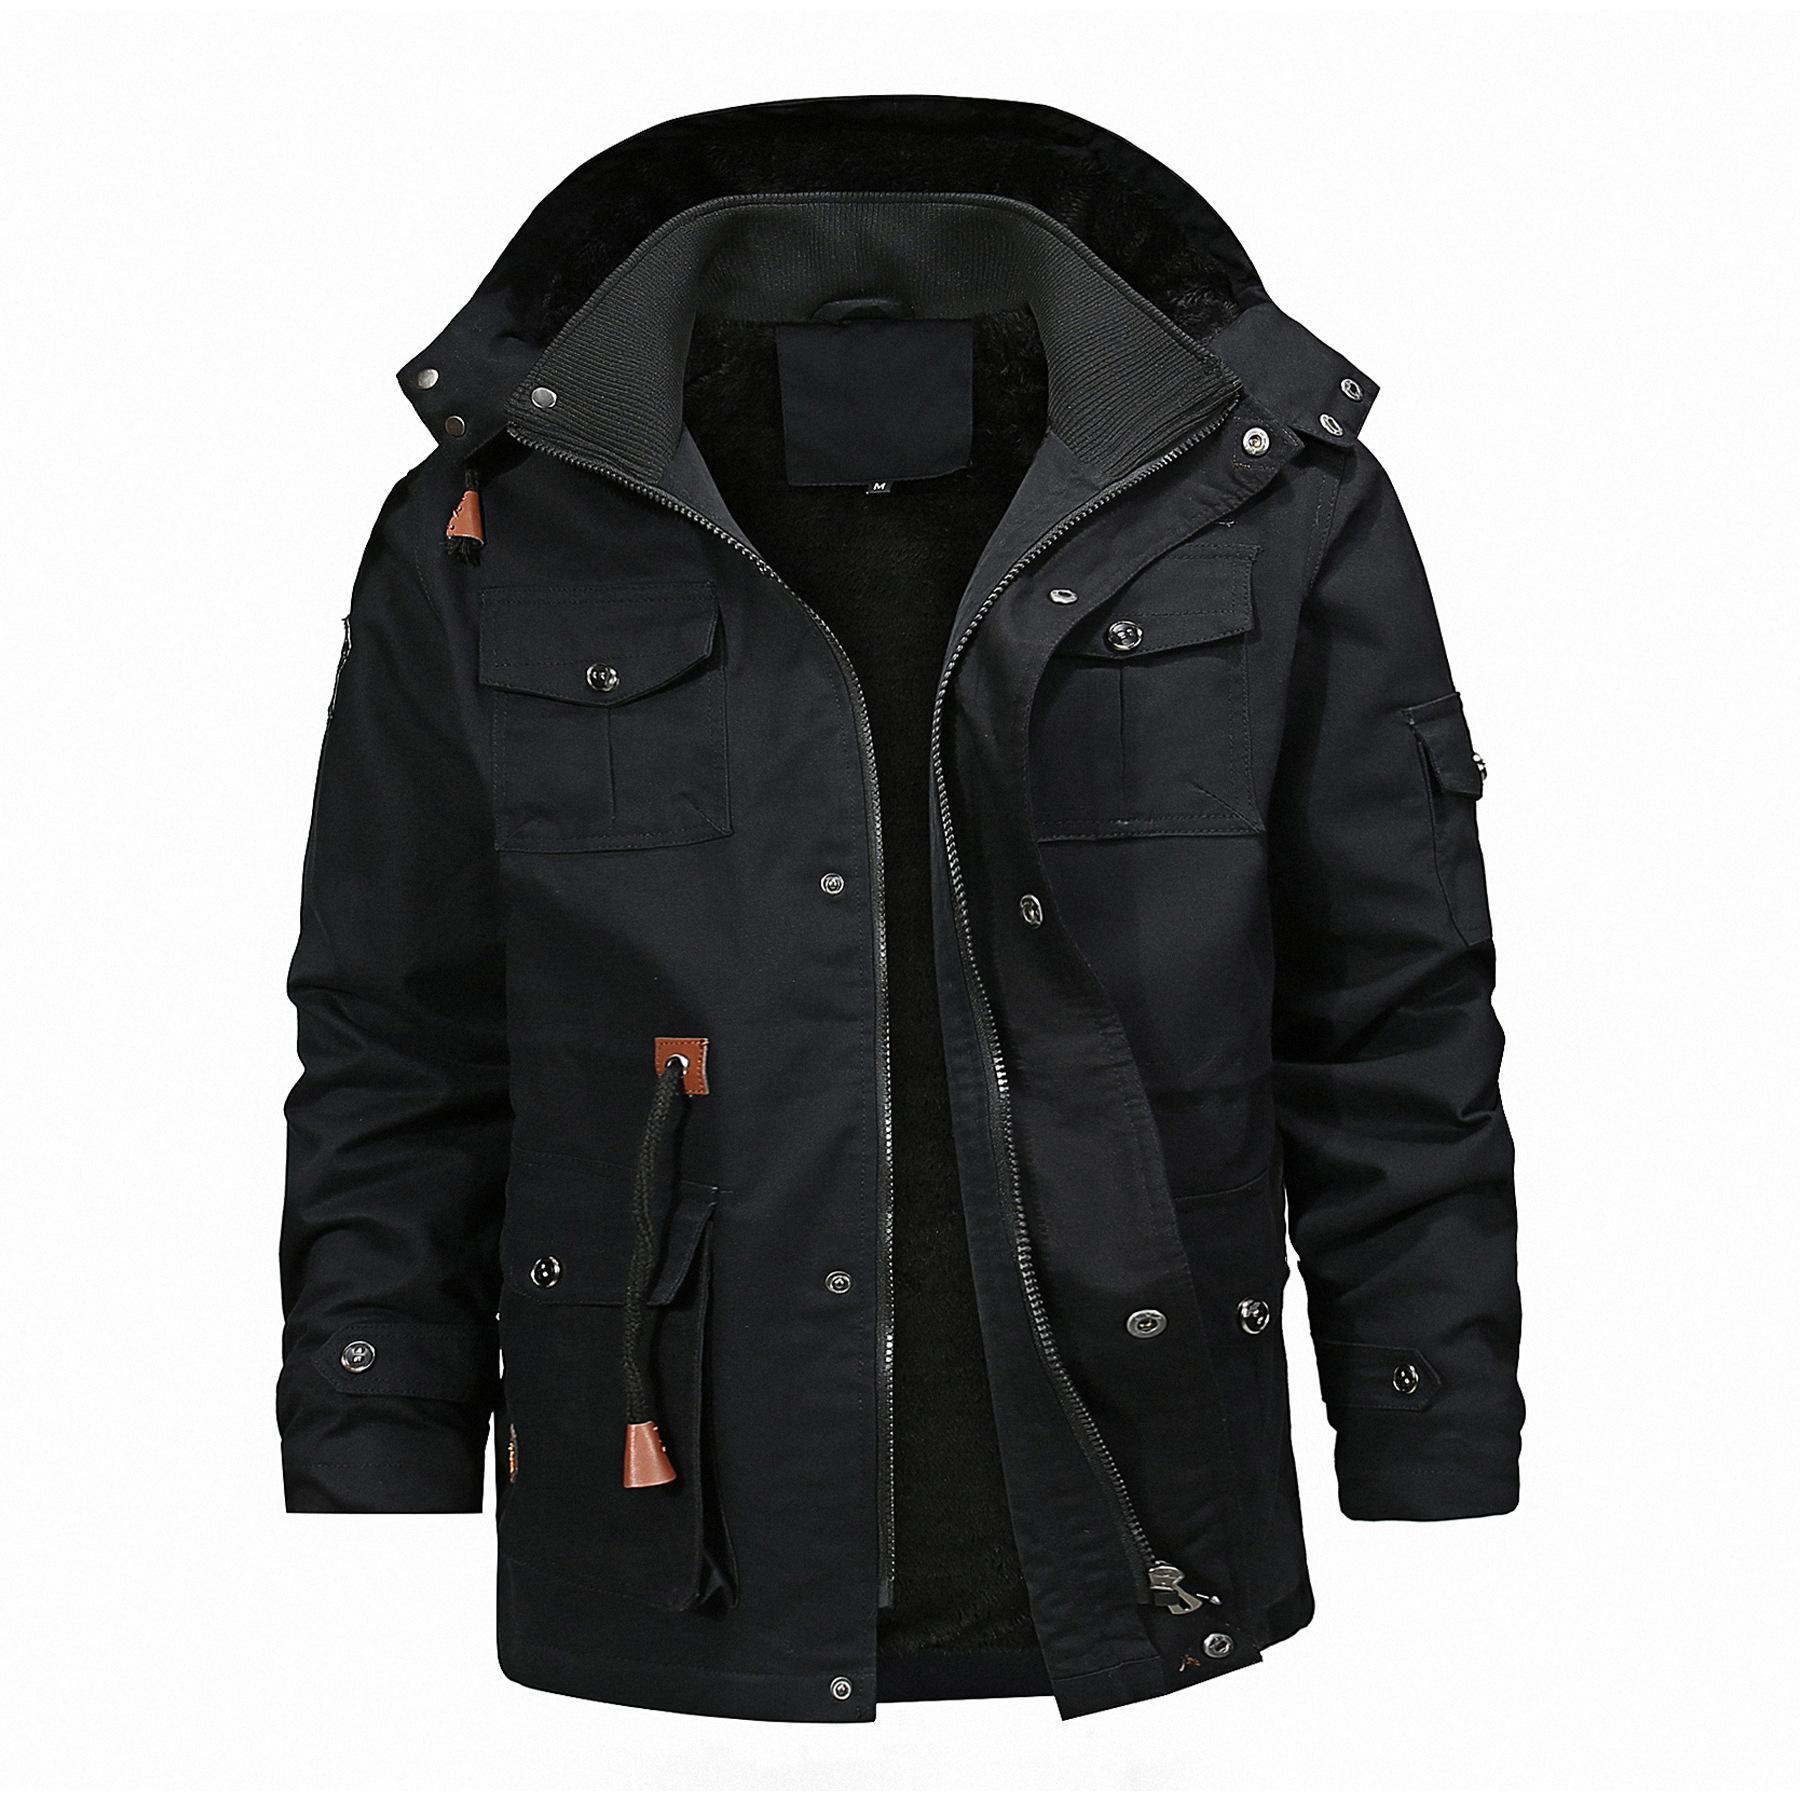 Nuovo stile degli uomini del rivestimento degli uomini di usura giacca invernale Large Size Spesso più velluto Giacca Gioventù invernali Coat Size